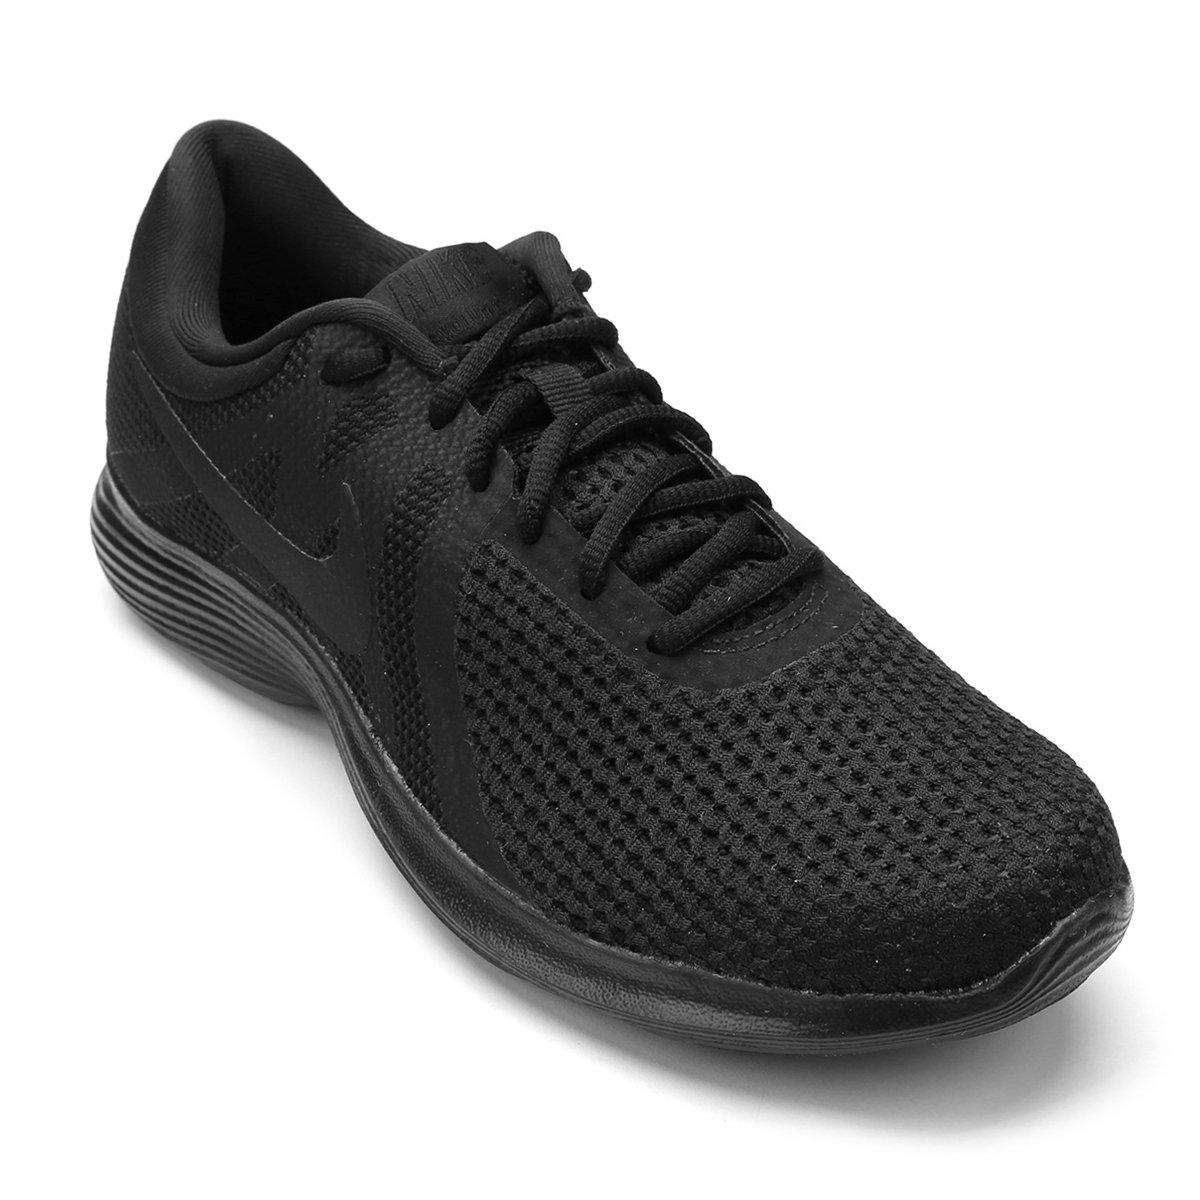 dd0814c189522 Tênis Nike Wmns Revolution 4 Feminino - Preto